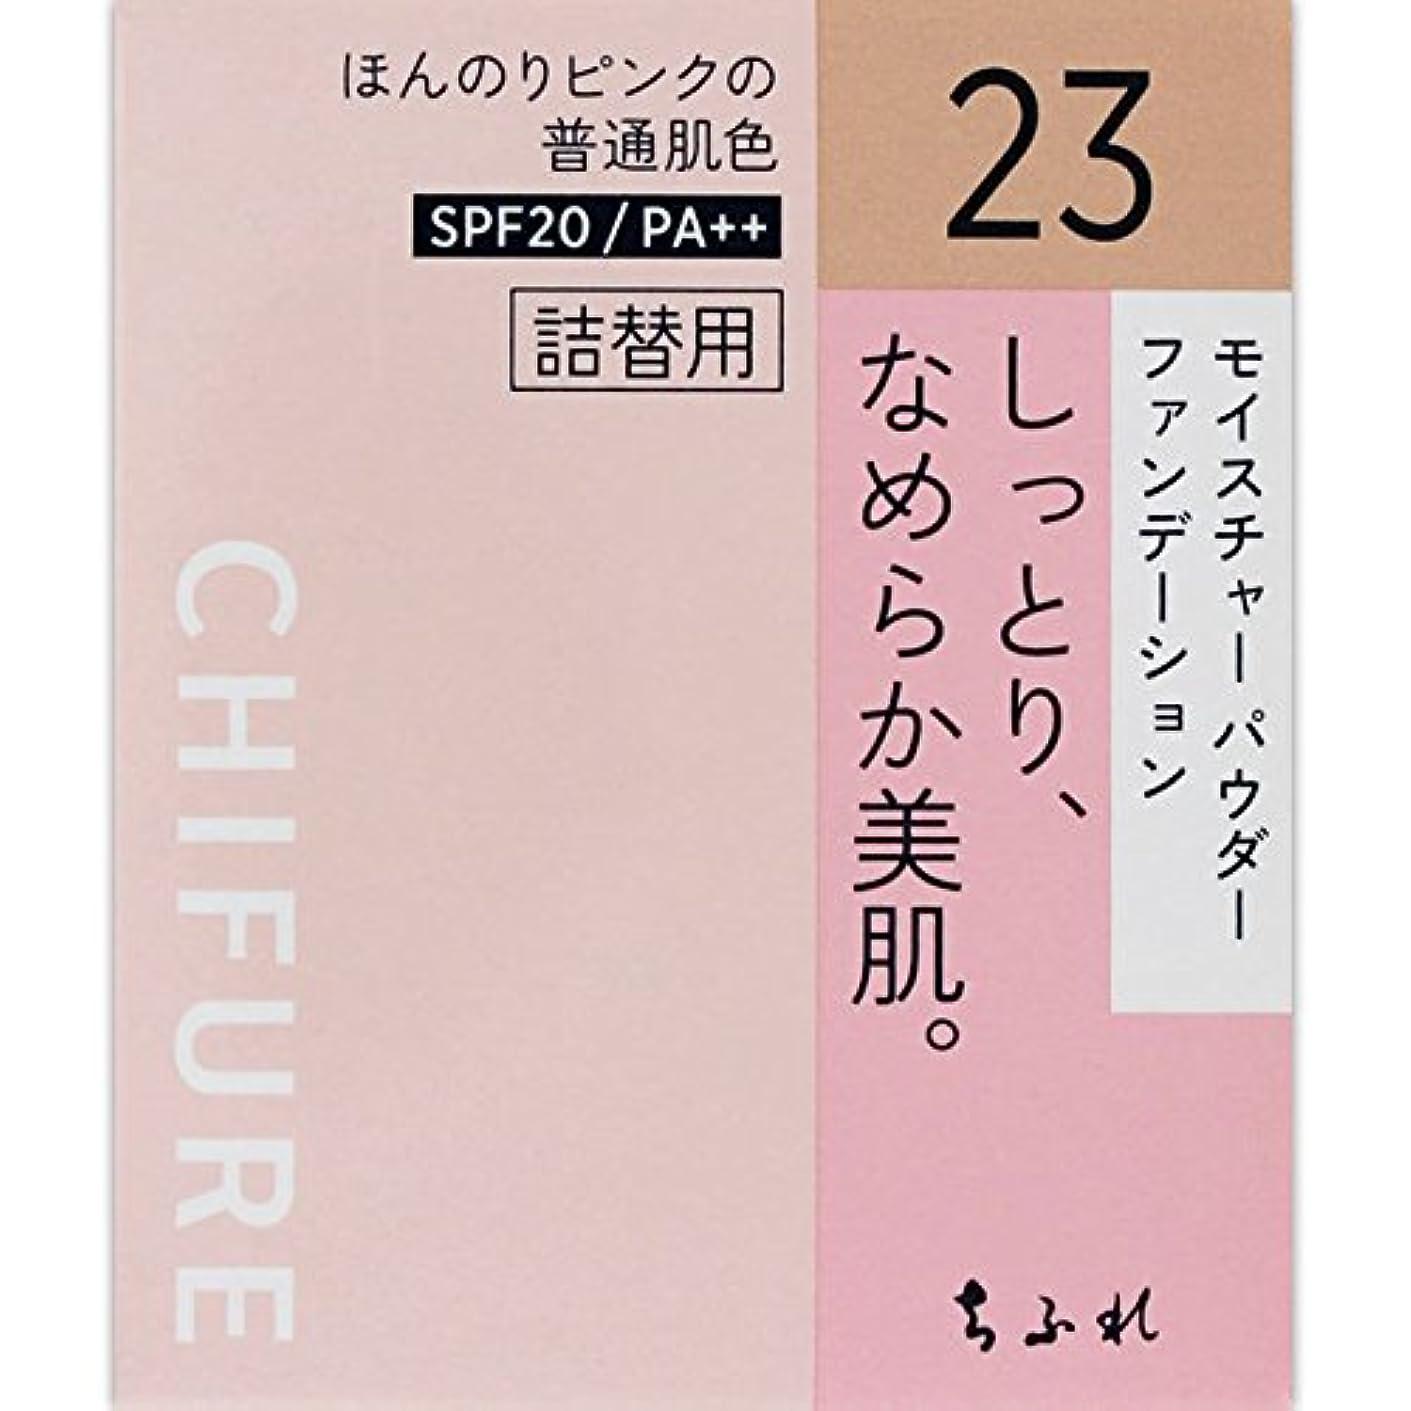 確率ギネス記録ちふれ化粧品 モイスチャー パウダーファンデーション 詰替用 ピンクオークル系 MパウダーFD詰替用23